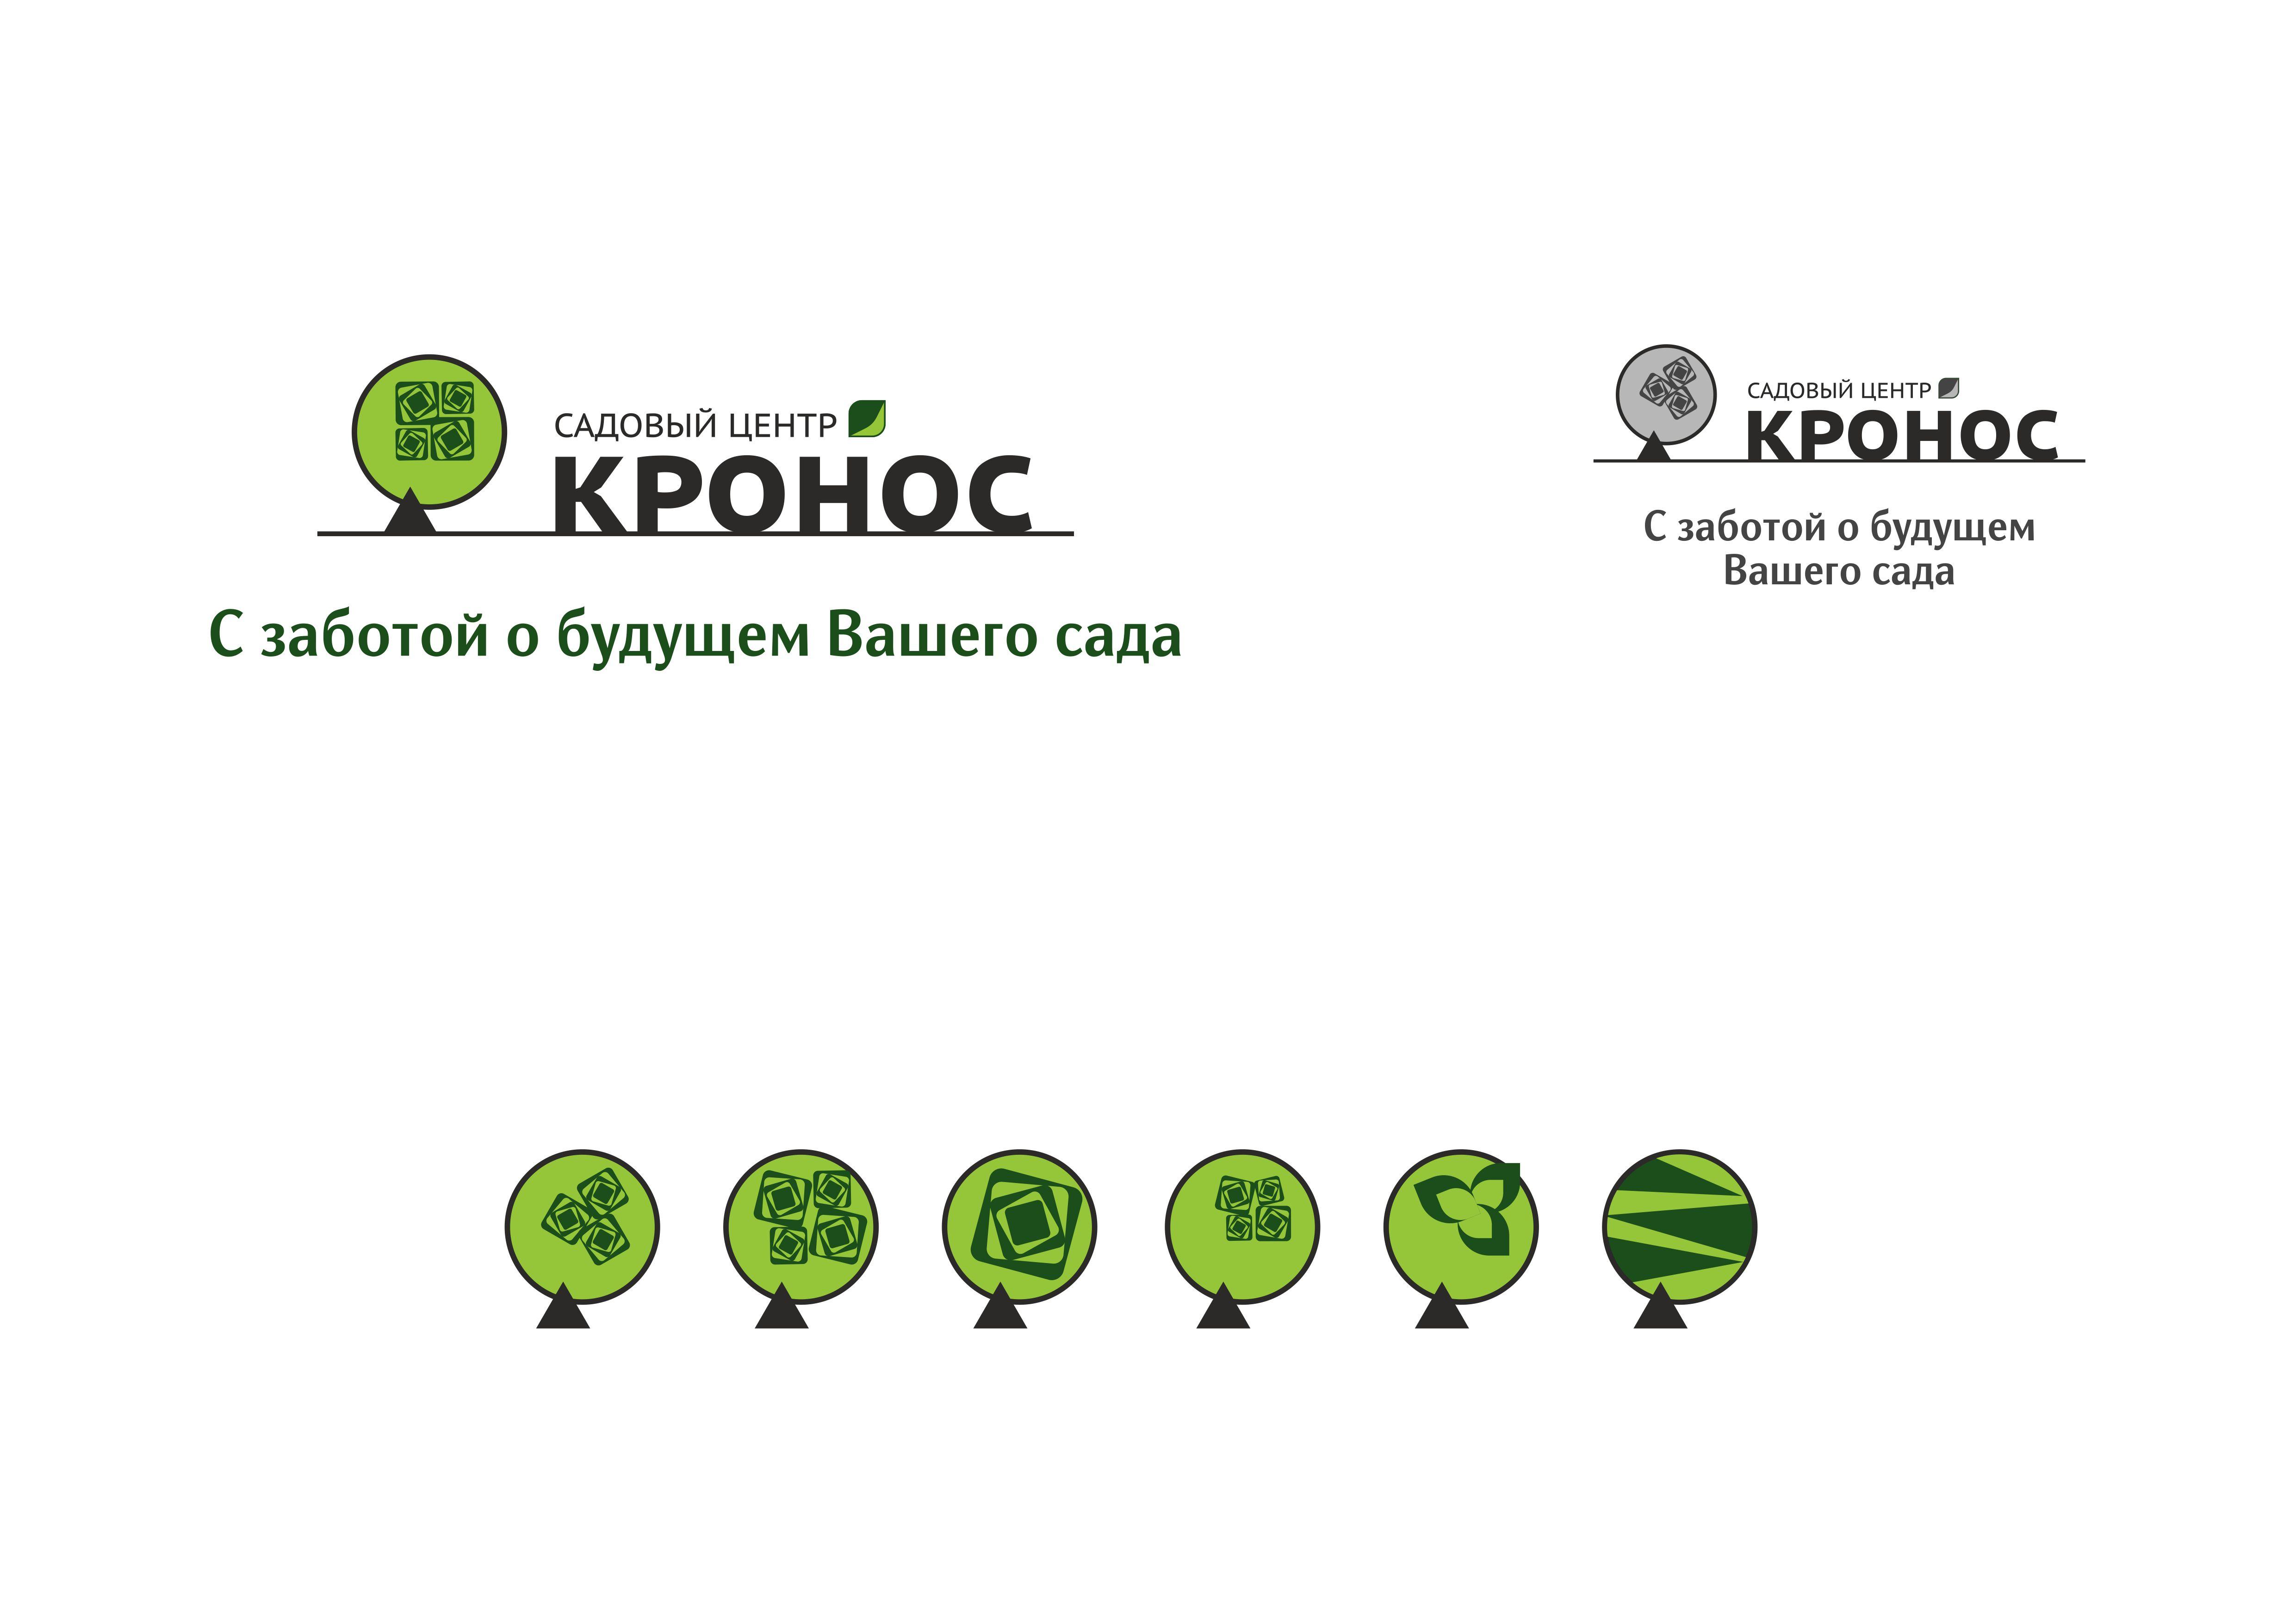 Разработка название садового центра, логотип и слоган фото f_7055a71bd2b0ef35.jpg